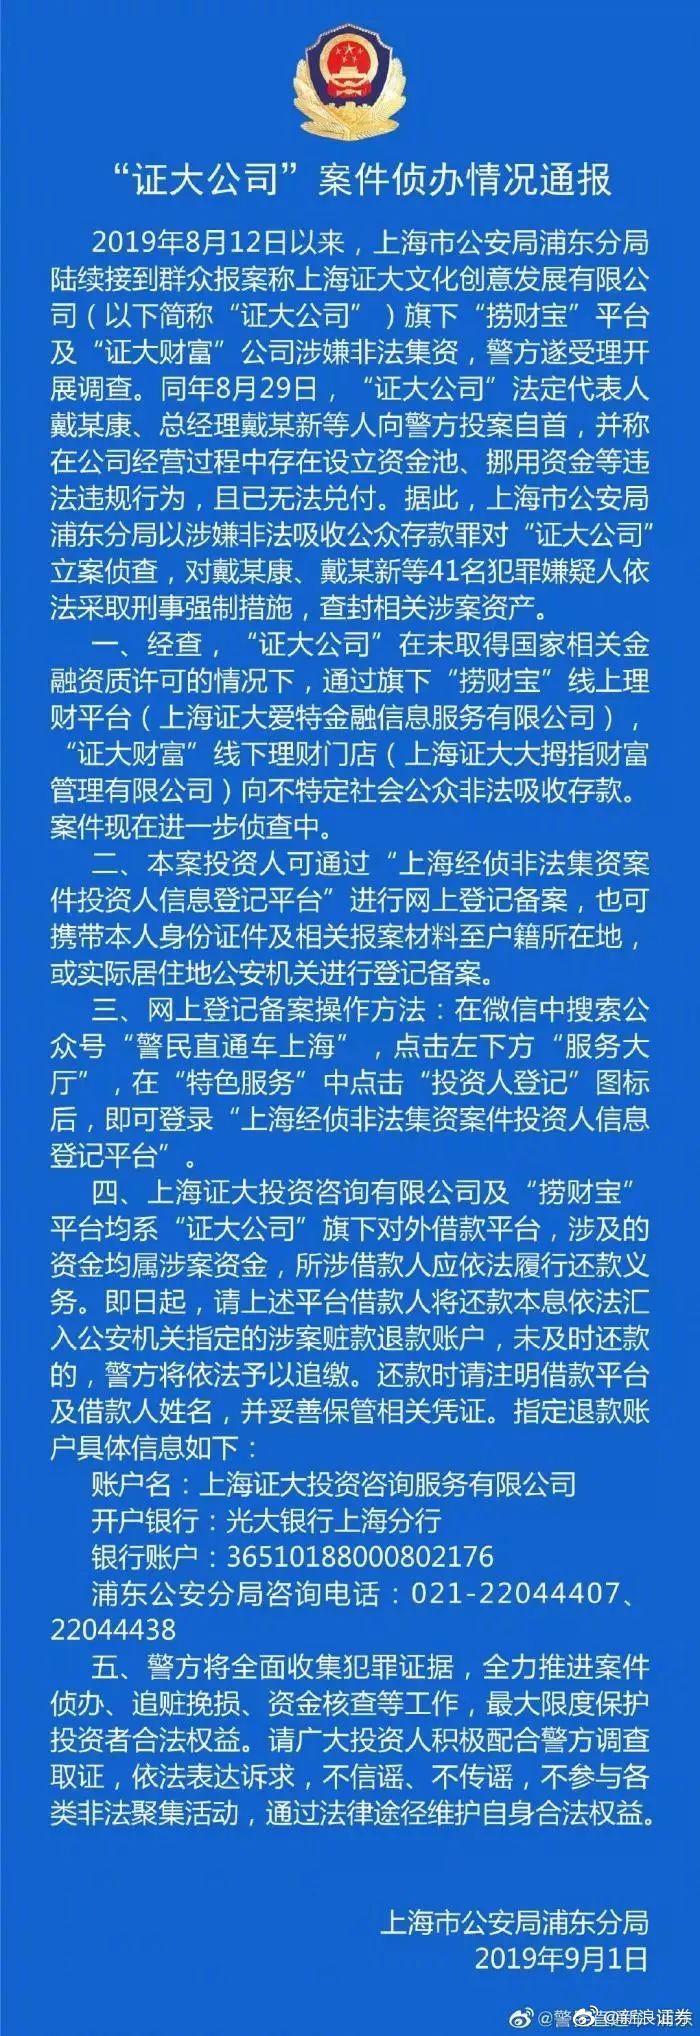 """""""资本大佬""""戴志康已被逮捕 还能发微博教人炒股"""